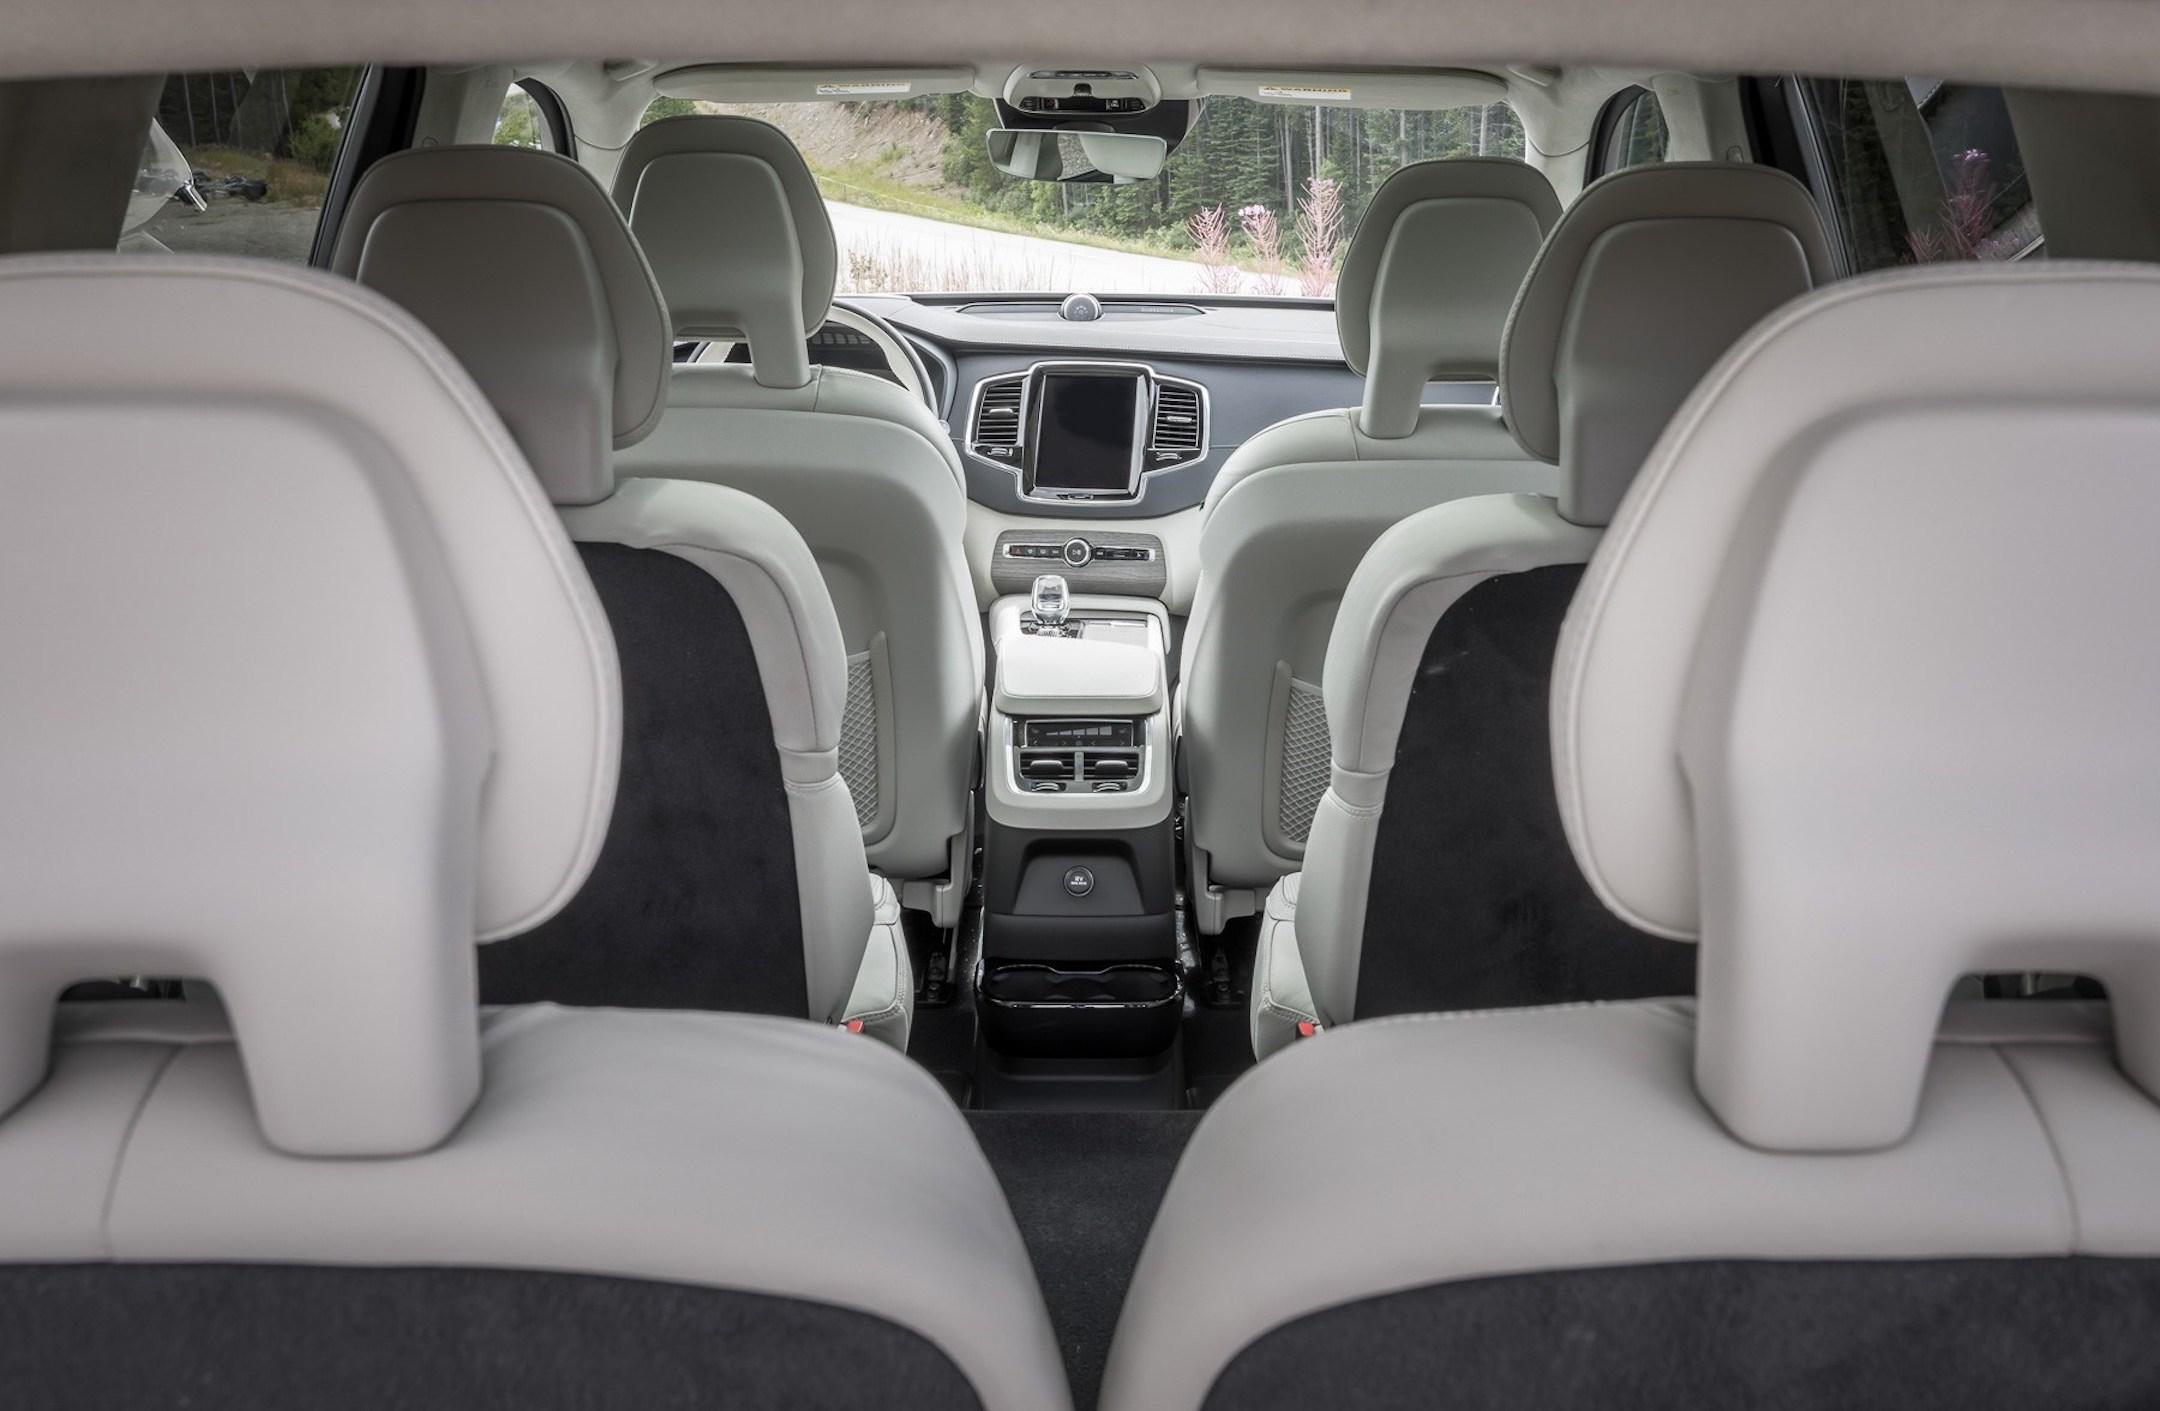 2020 Volvo XC90 - Banff